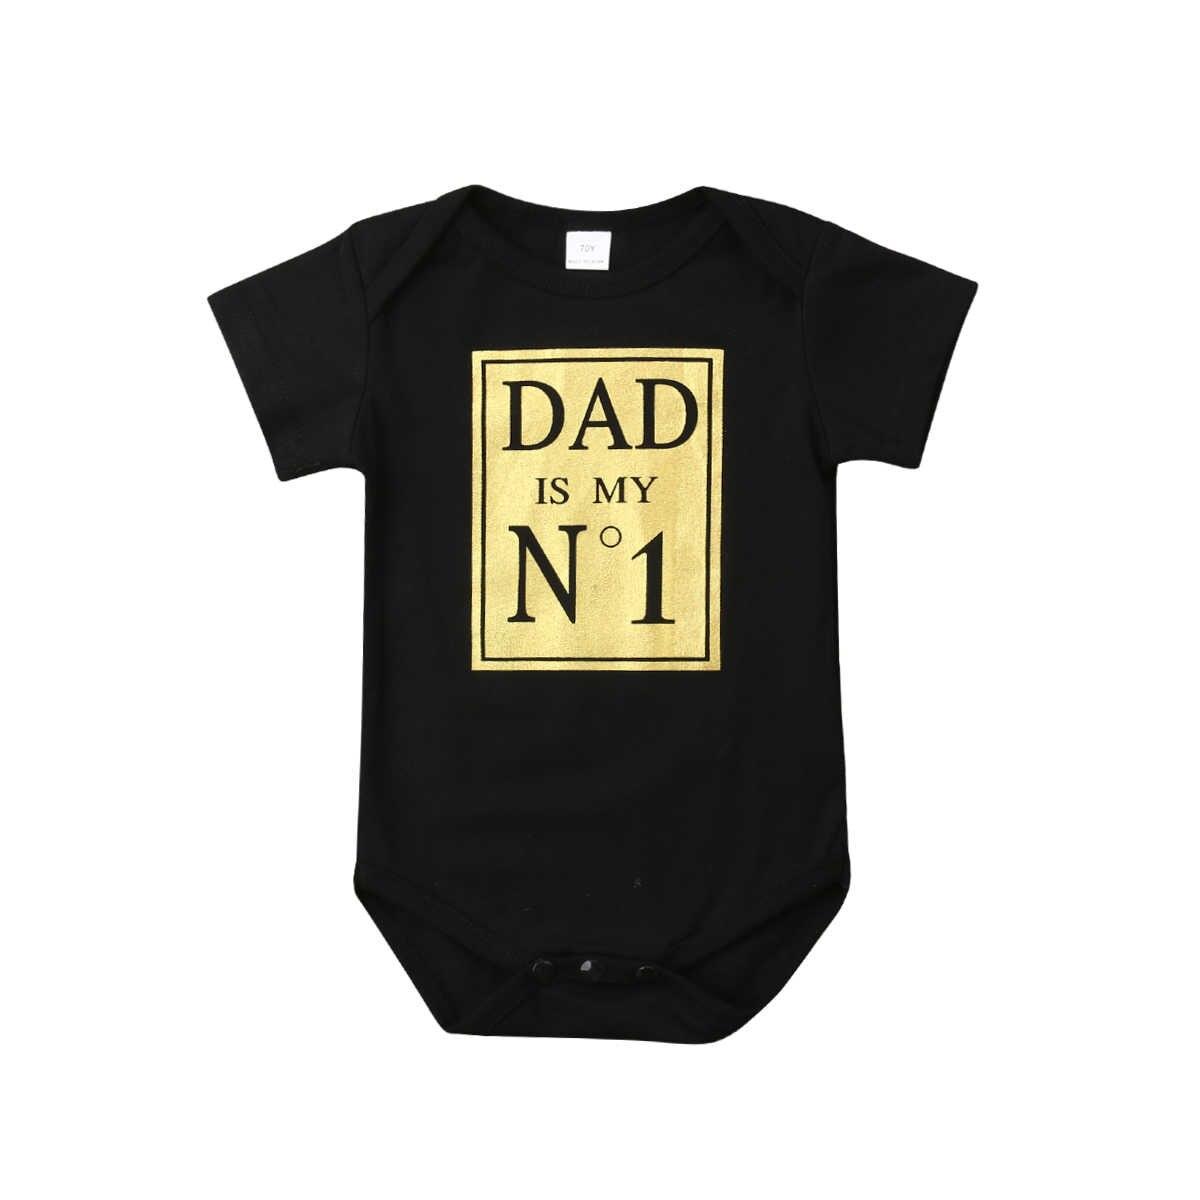 2019 Летний комбинезон с короткими рукавами для маленьких мальчиков и девочек, для папы, № 1, черный, повседневная одежда